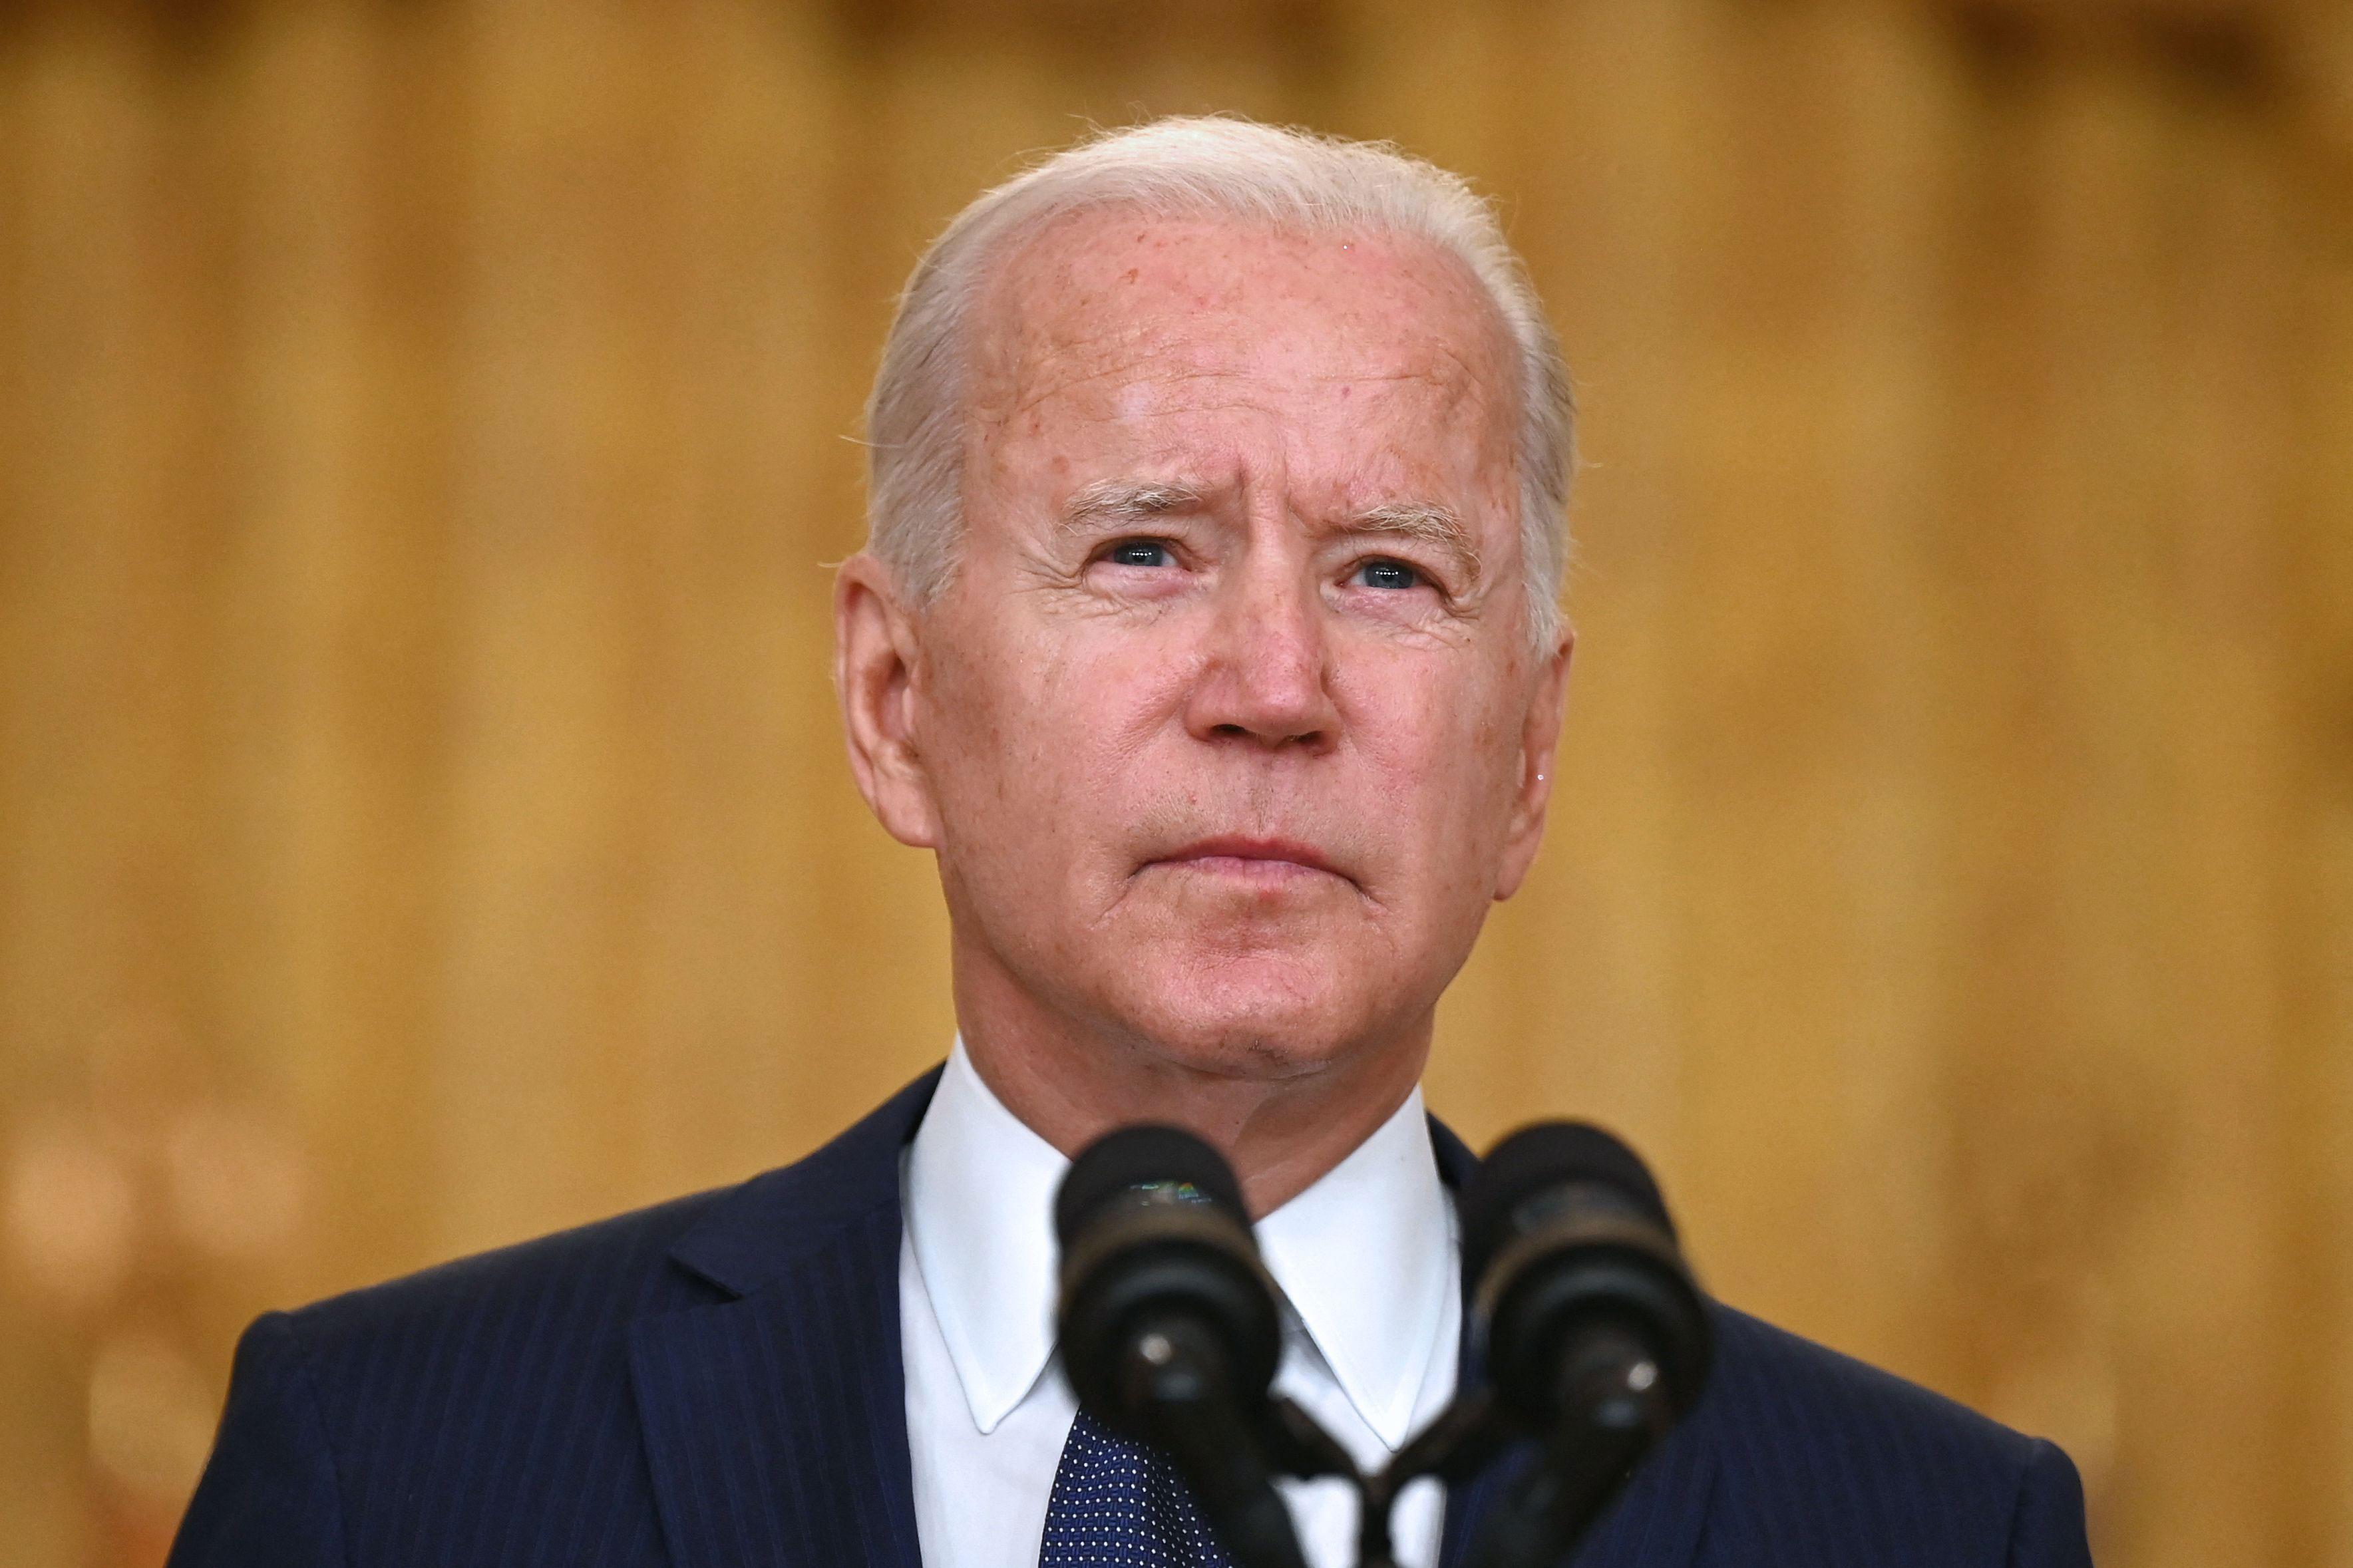 President Joe Biden speaks in the East Room of the White House in Washington, DC, on August 26.